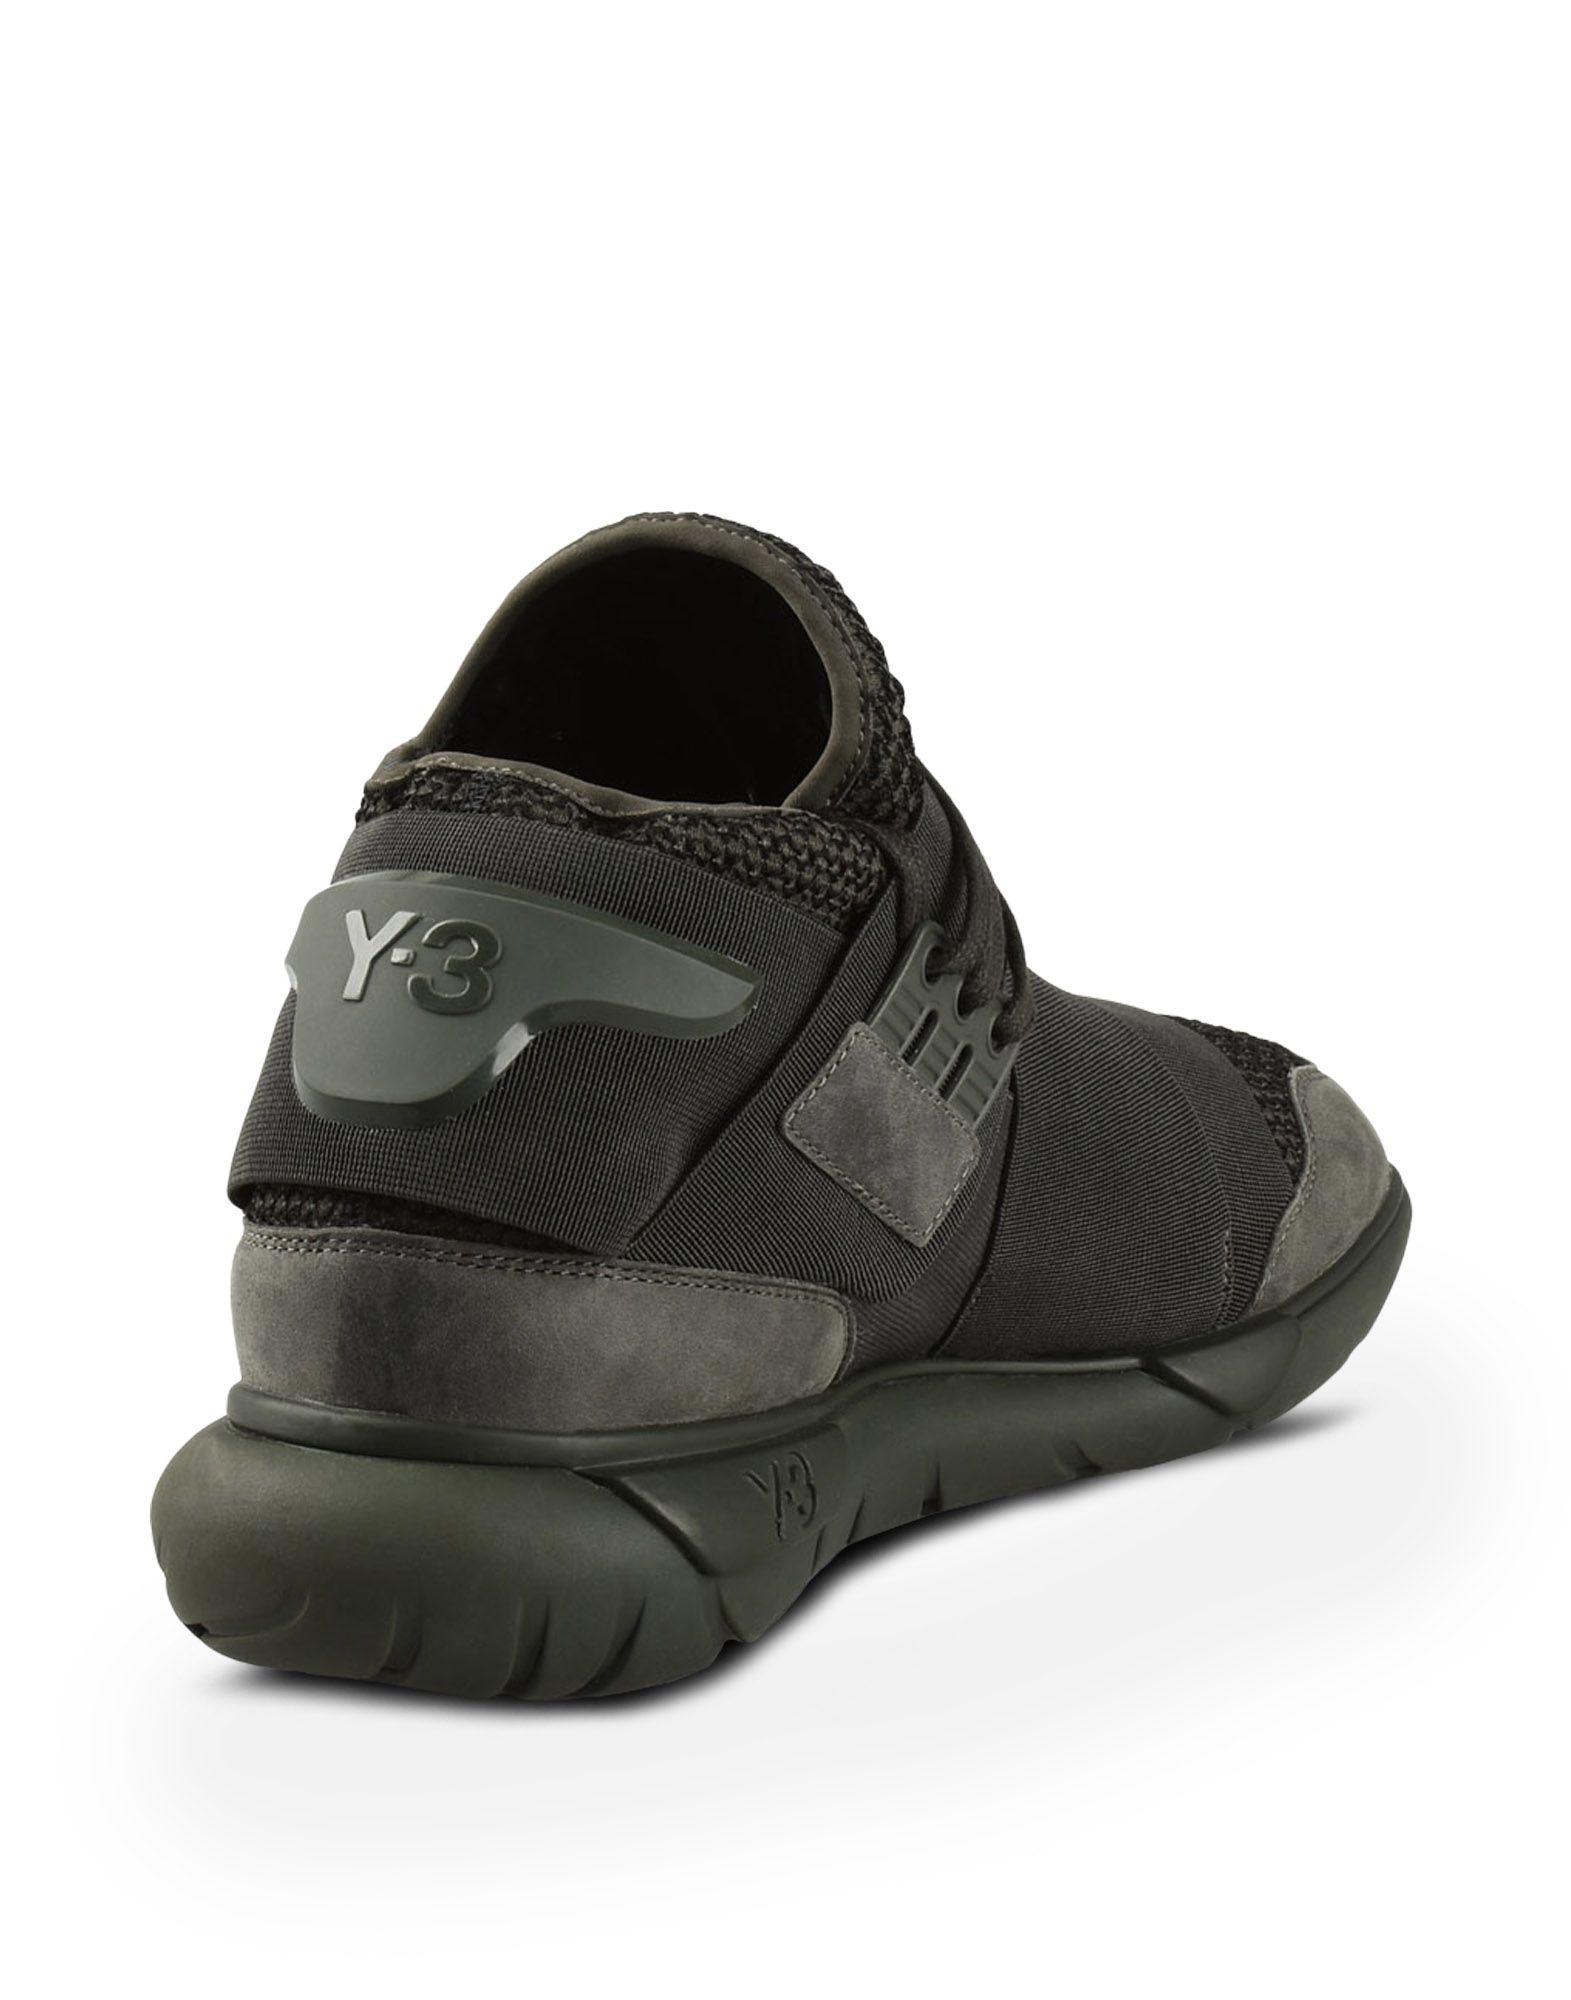 Y3 Qasa High Trainer CP5128